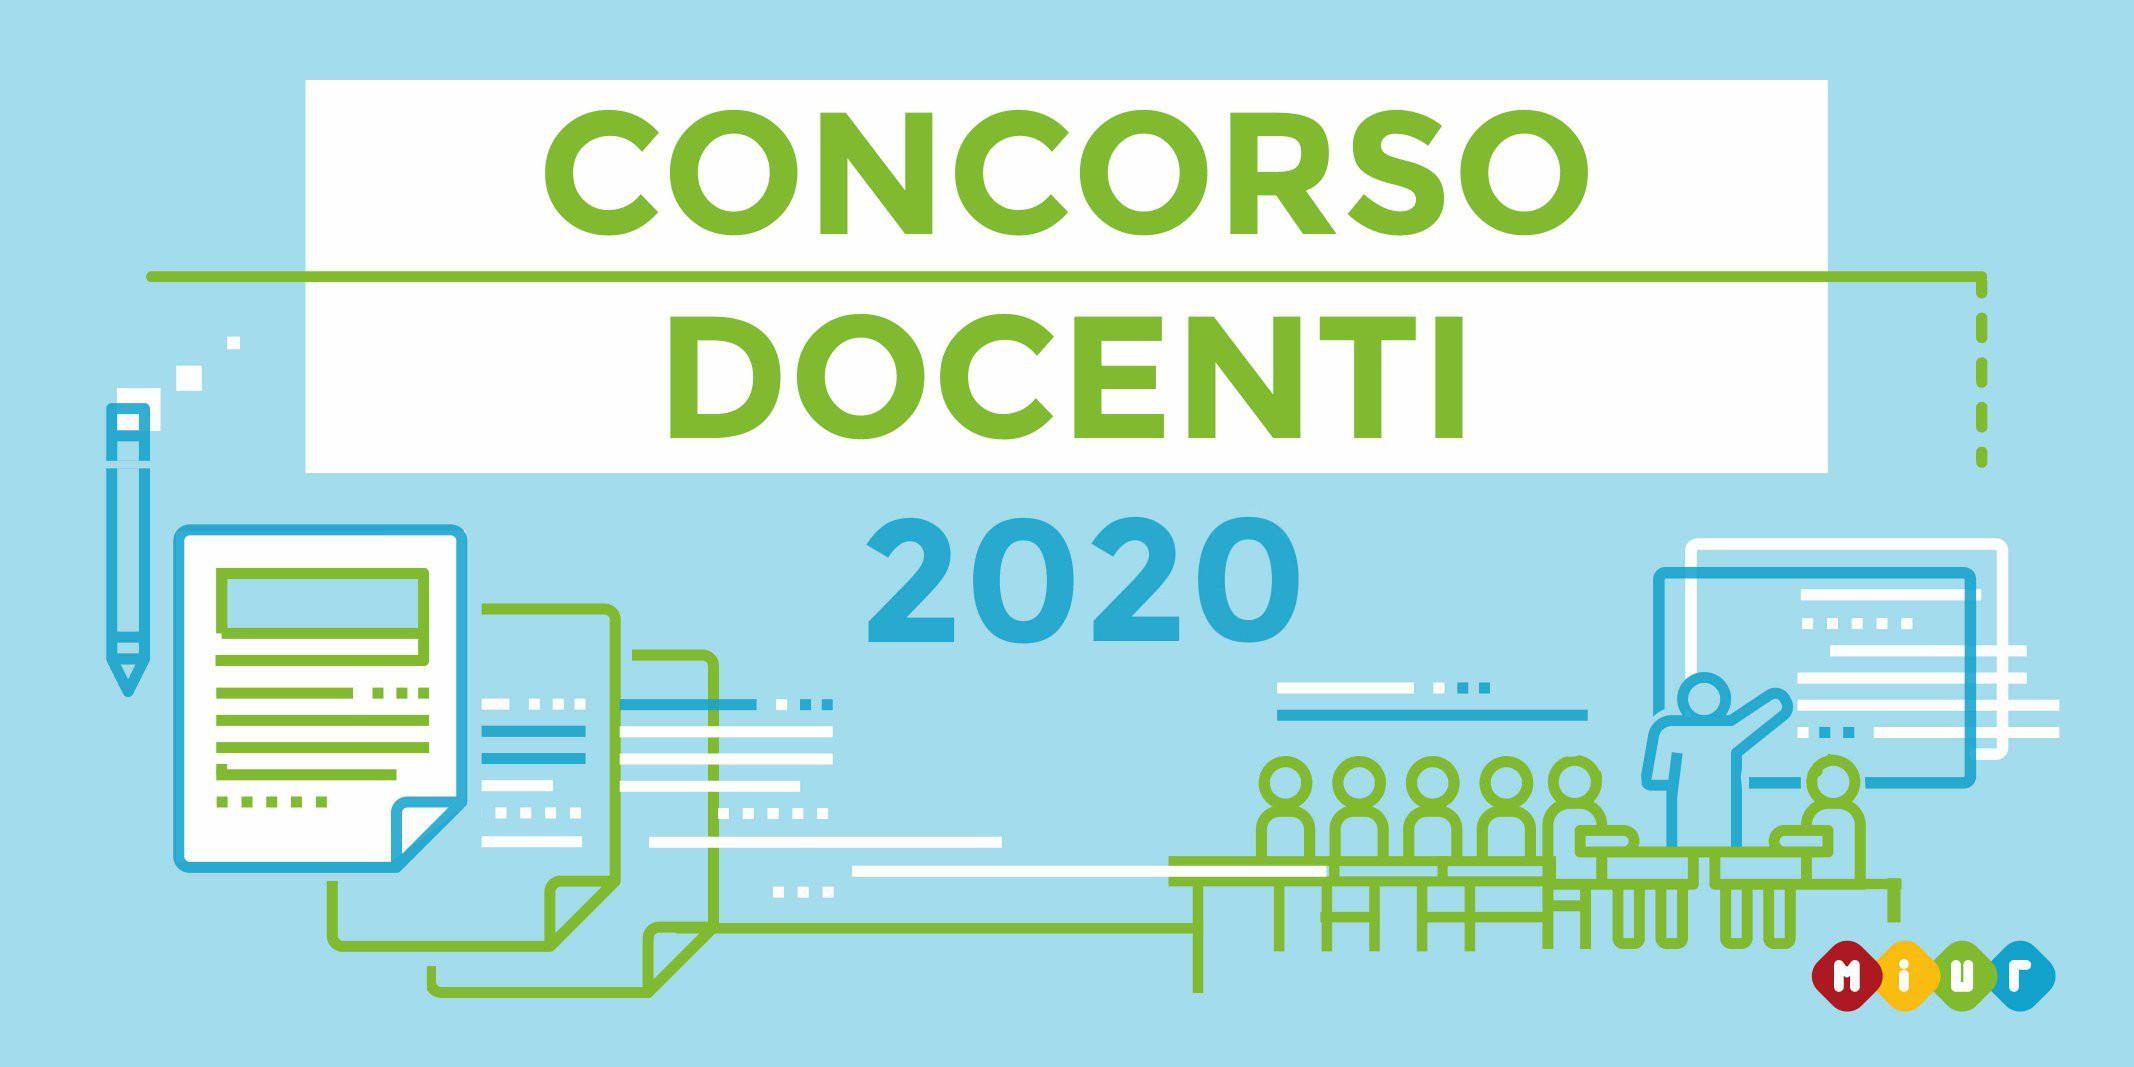 concorso 2020